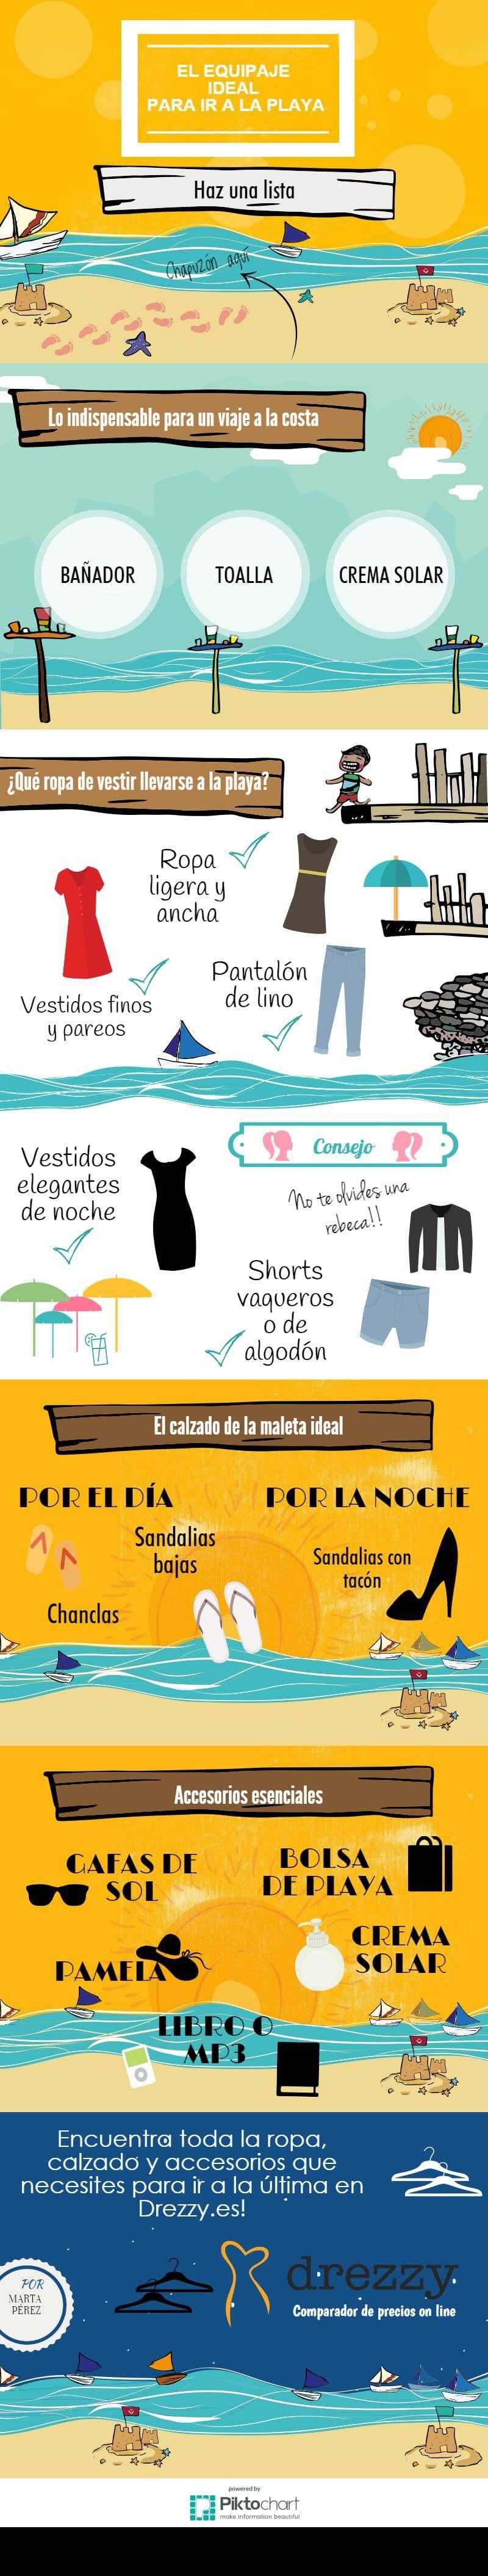 Qué empacar para un viaje a la playa infografía